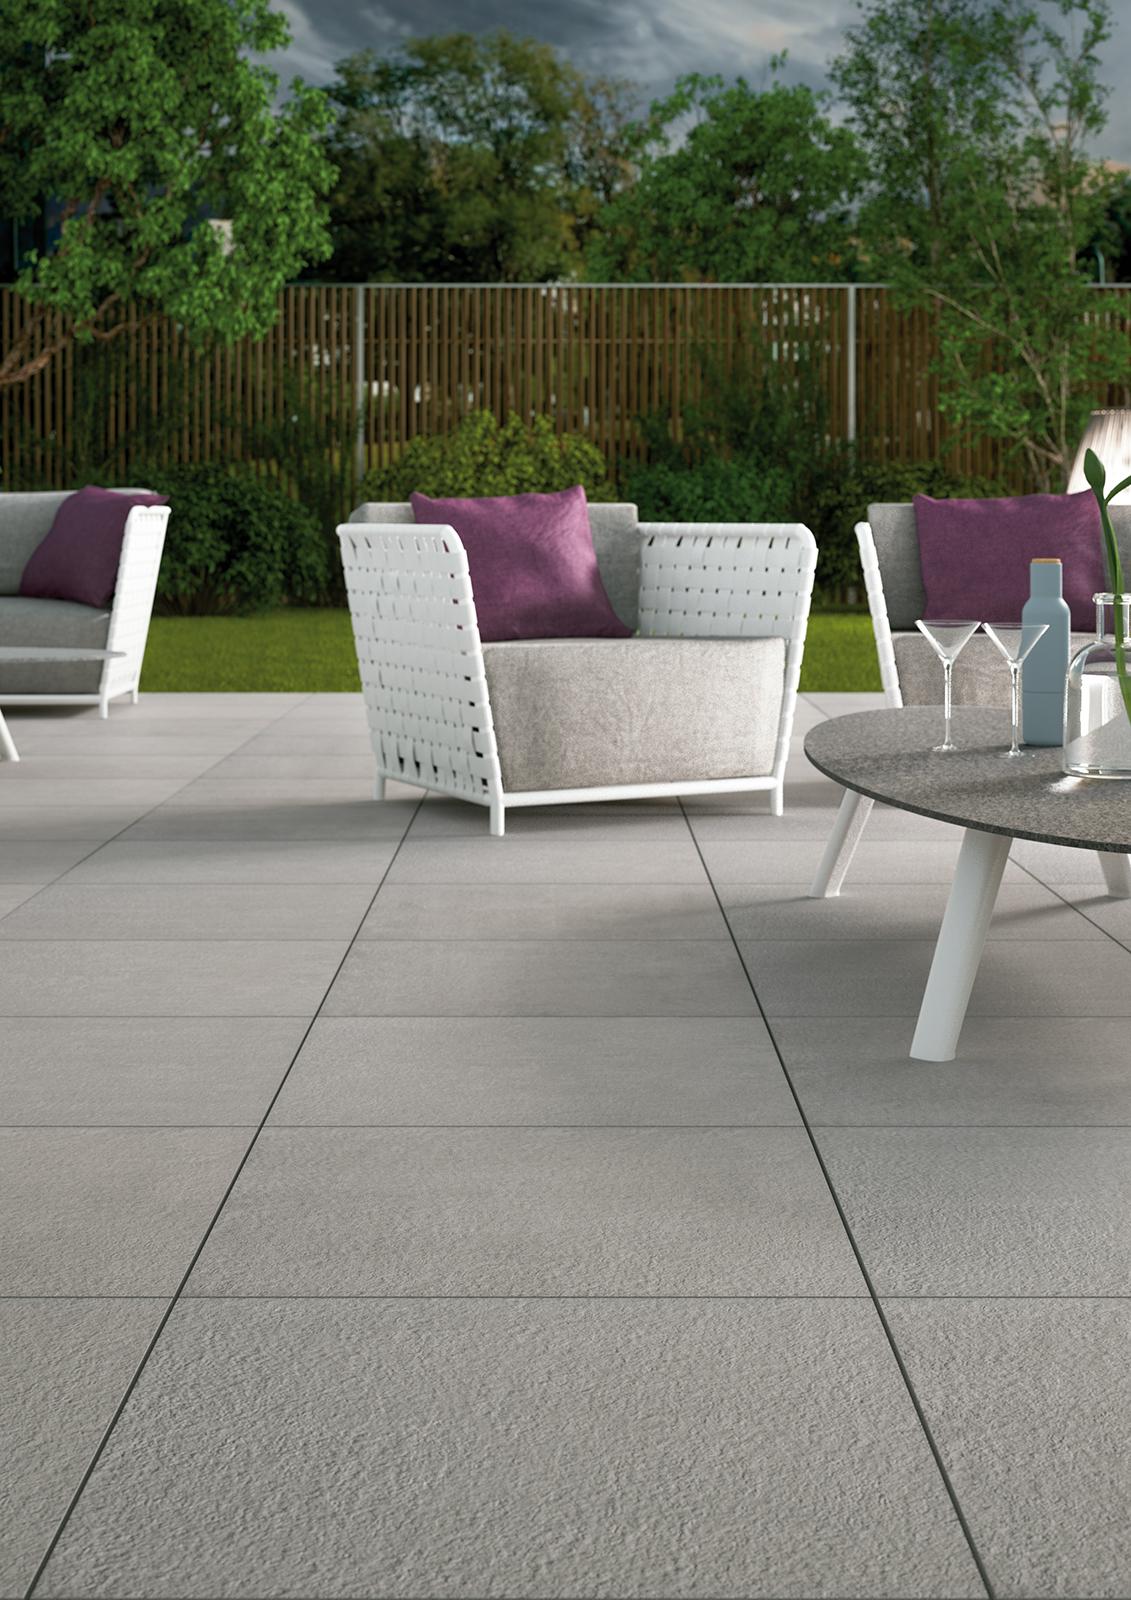 Outdoor Flooring Tiles outdoor tilegardenfor floorsengineered stoneantique Sistemn20 Ceramic Tiles Marazzi_5097